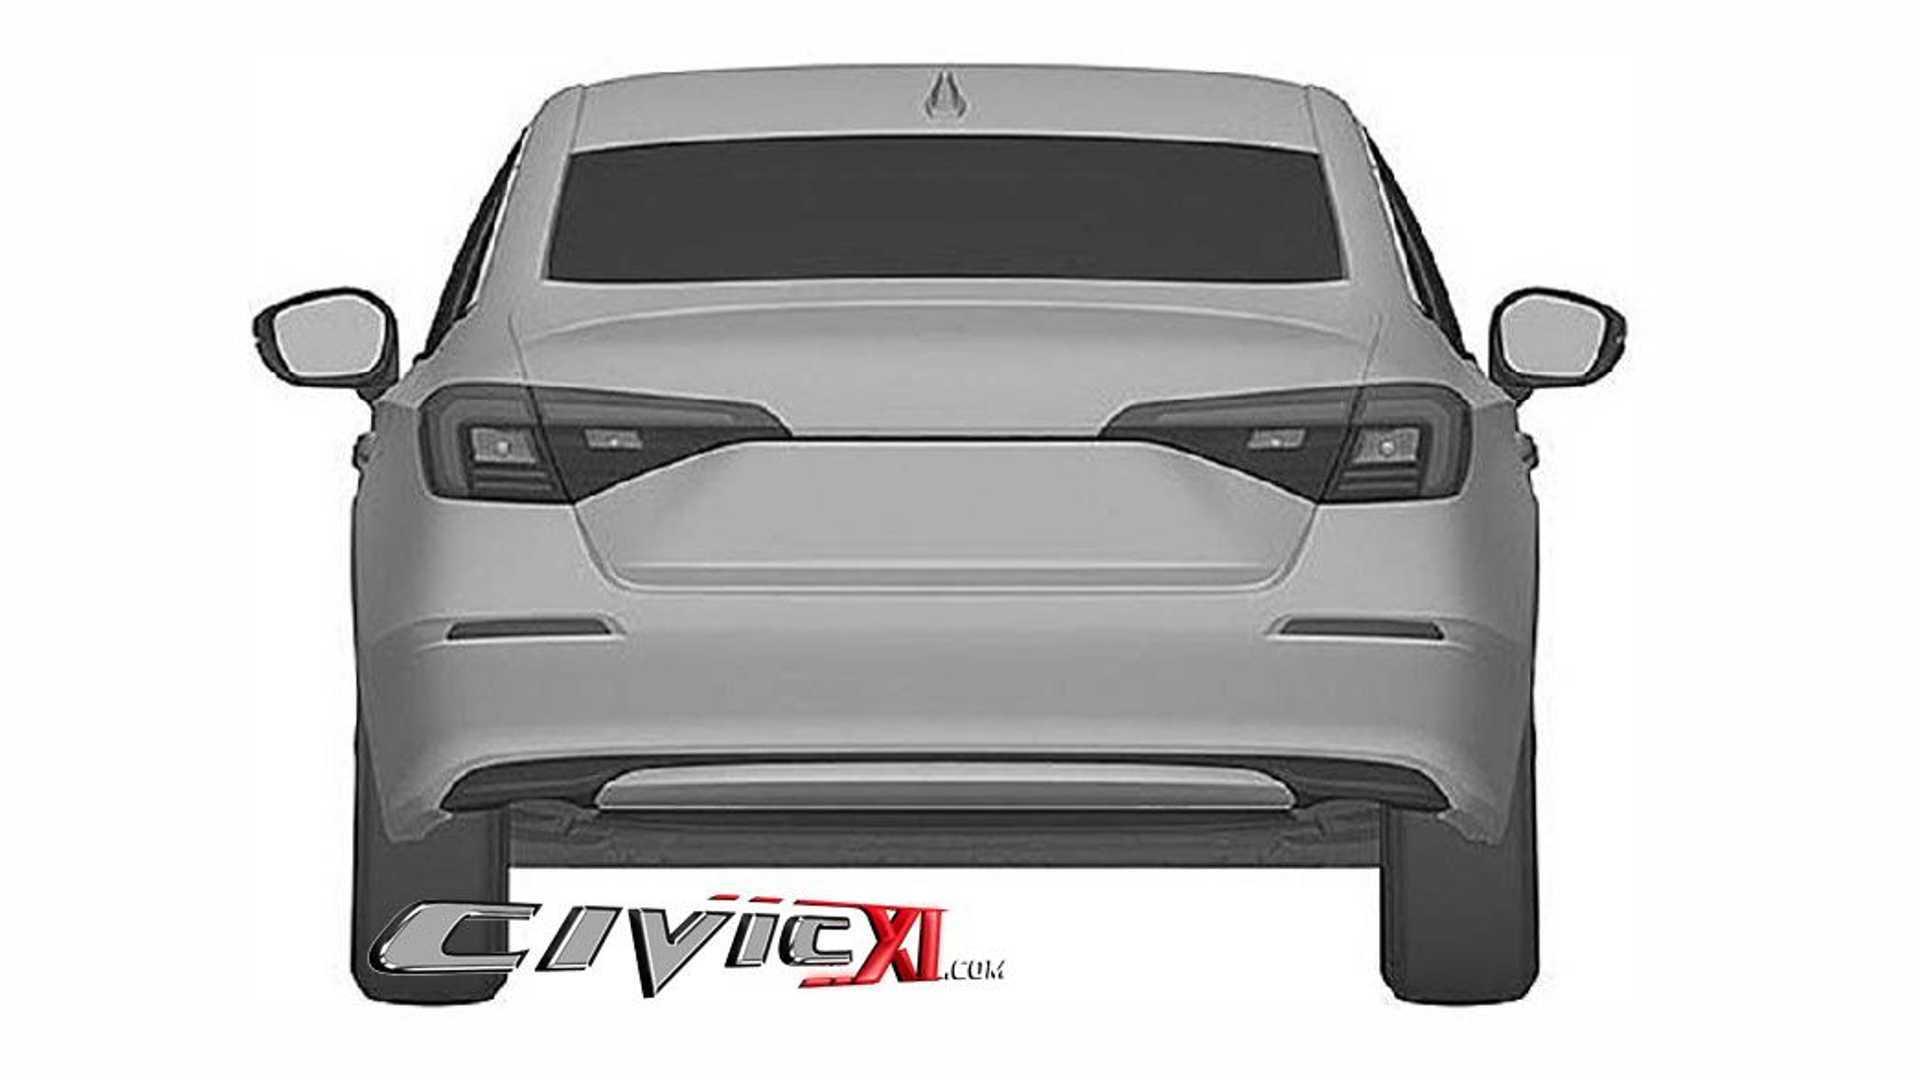 2022-honda-civic-sedan-rear-fascia-at-patent-office